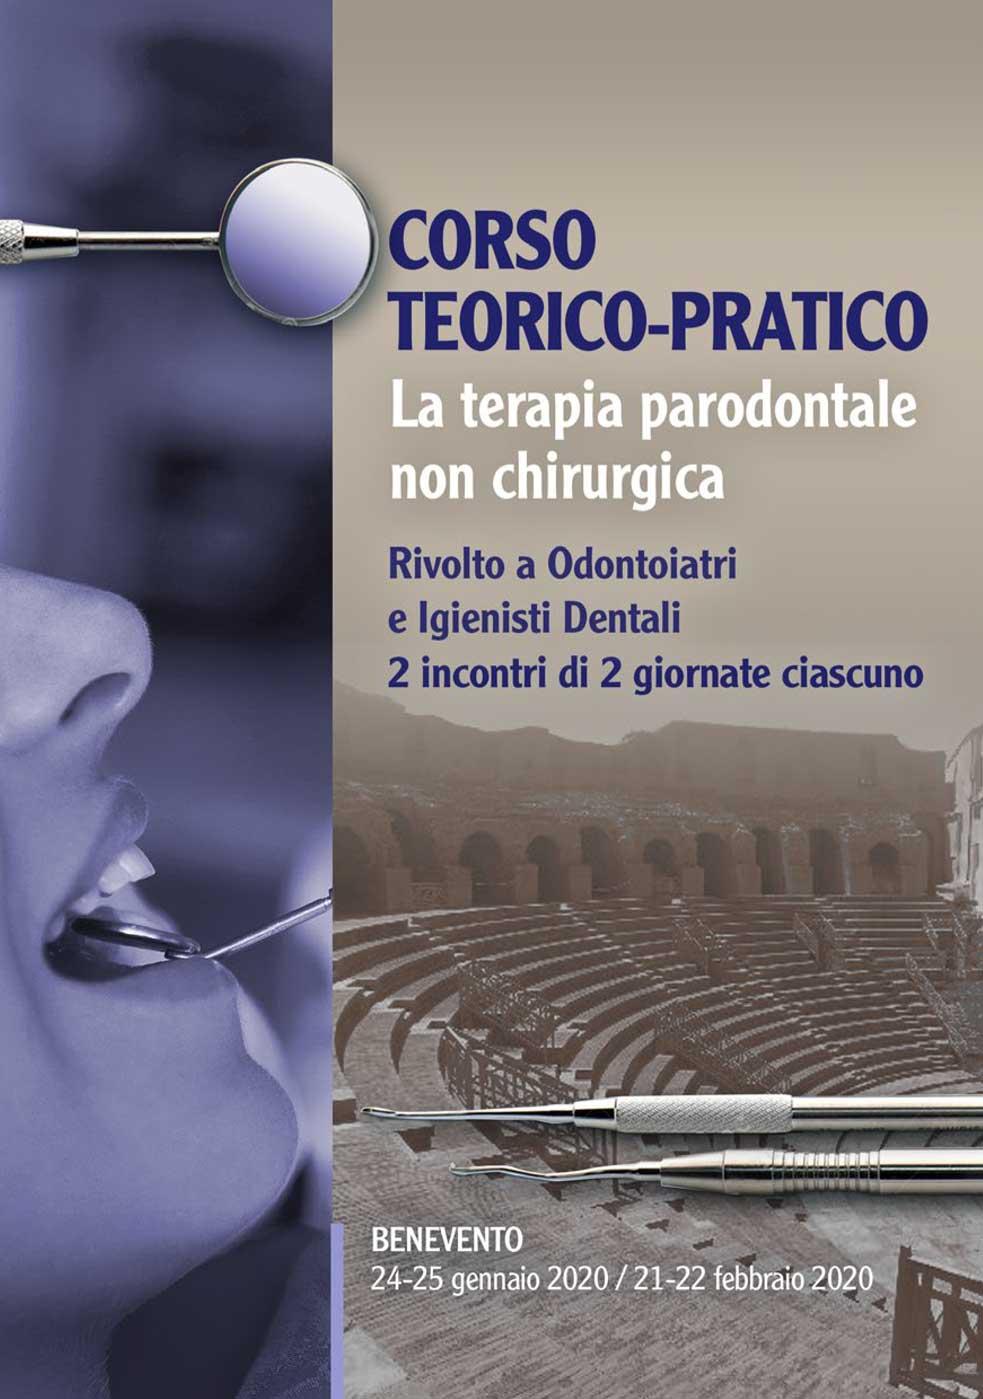 Corso La Terapia Parodontale non chirurgica